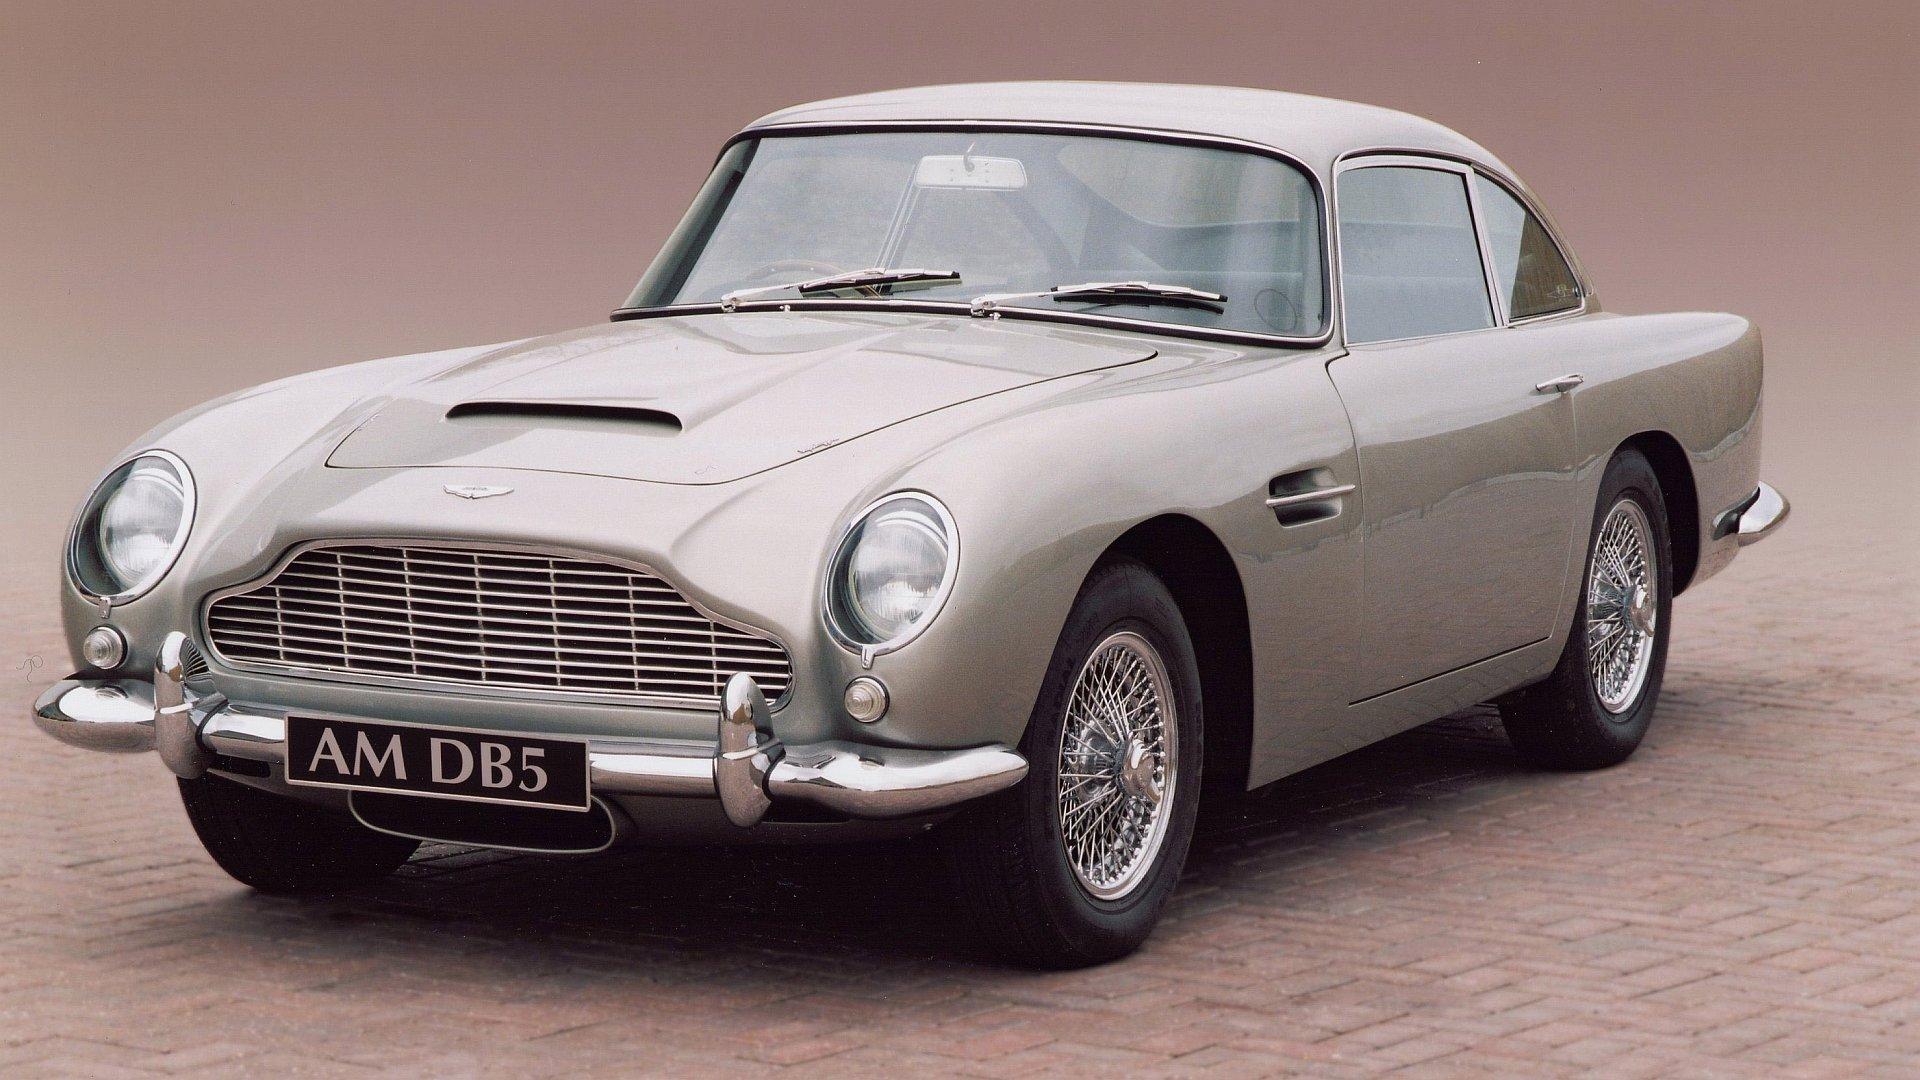 Aston Martin Db5 Wallpapers 1920x1080 Full Hd 1080p